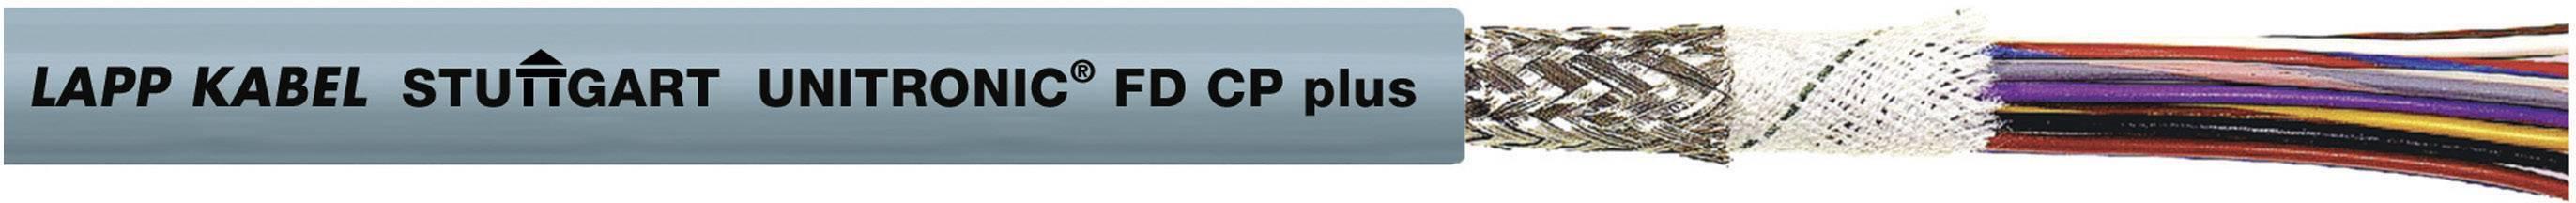 Datový kabel LappKabel UNITRONIC FD CP PLUS 14X0,25 (0028895), 14x 0,25 mm², Ø 8,3 mm, stíněný, 100 m, šedá